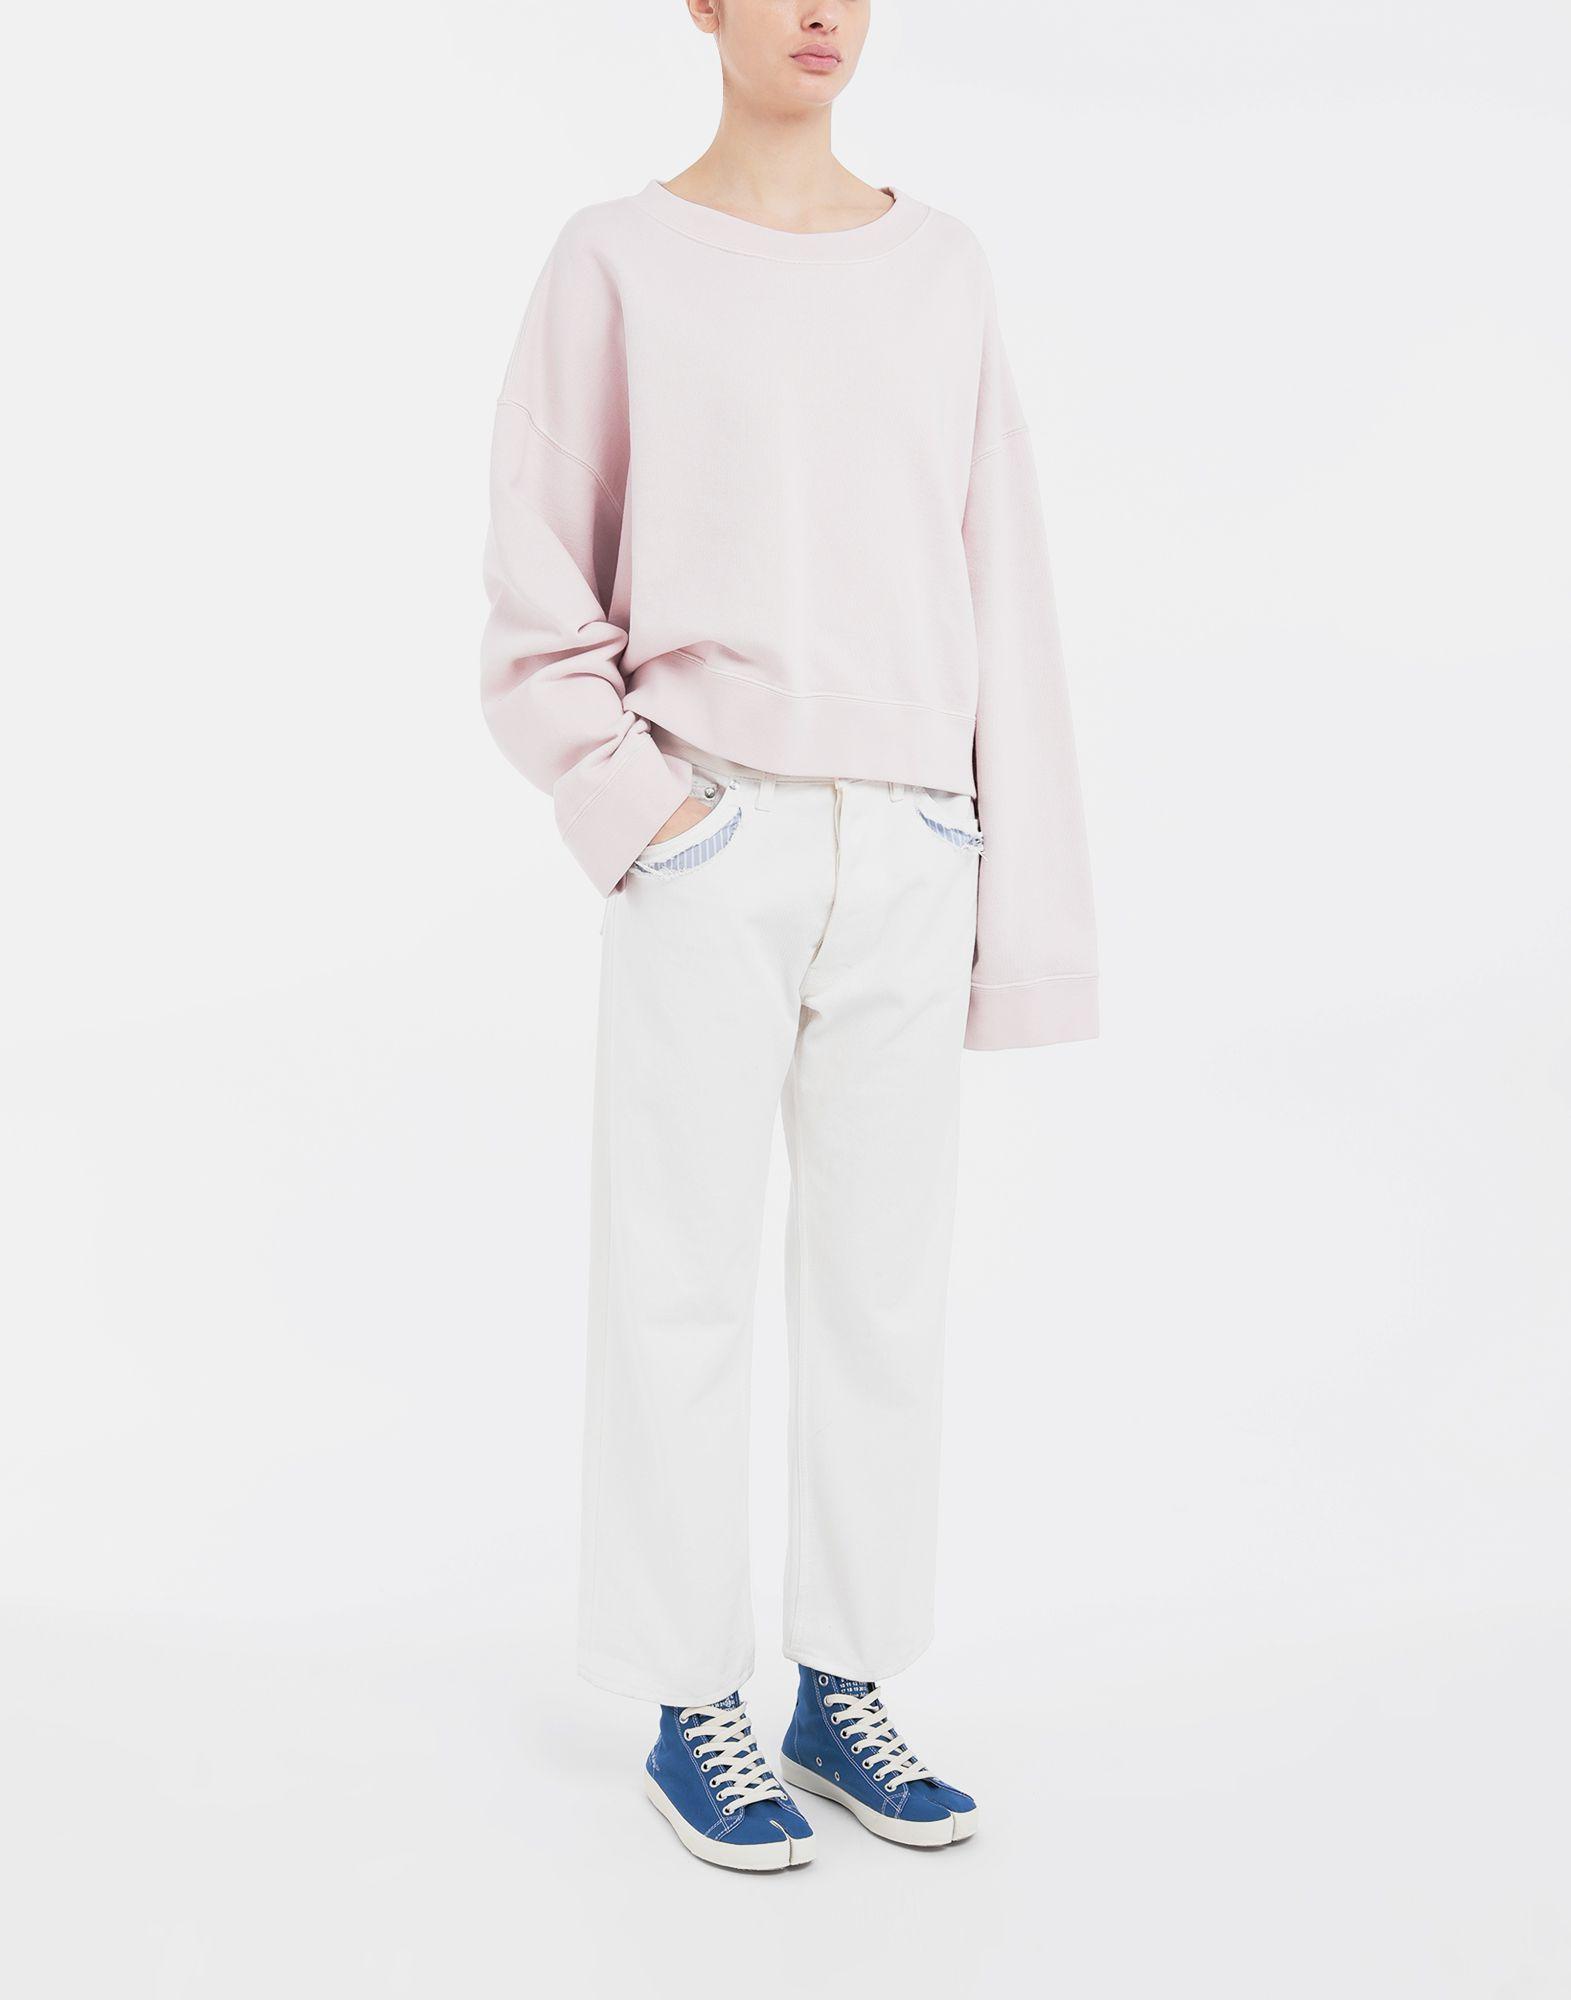 MAISON MARGIELA Décortiqué denim pants Jeans Woman d